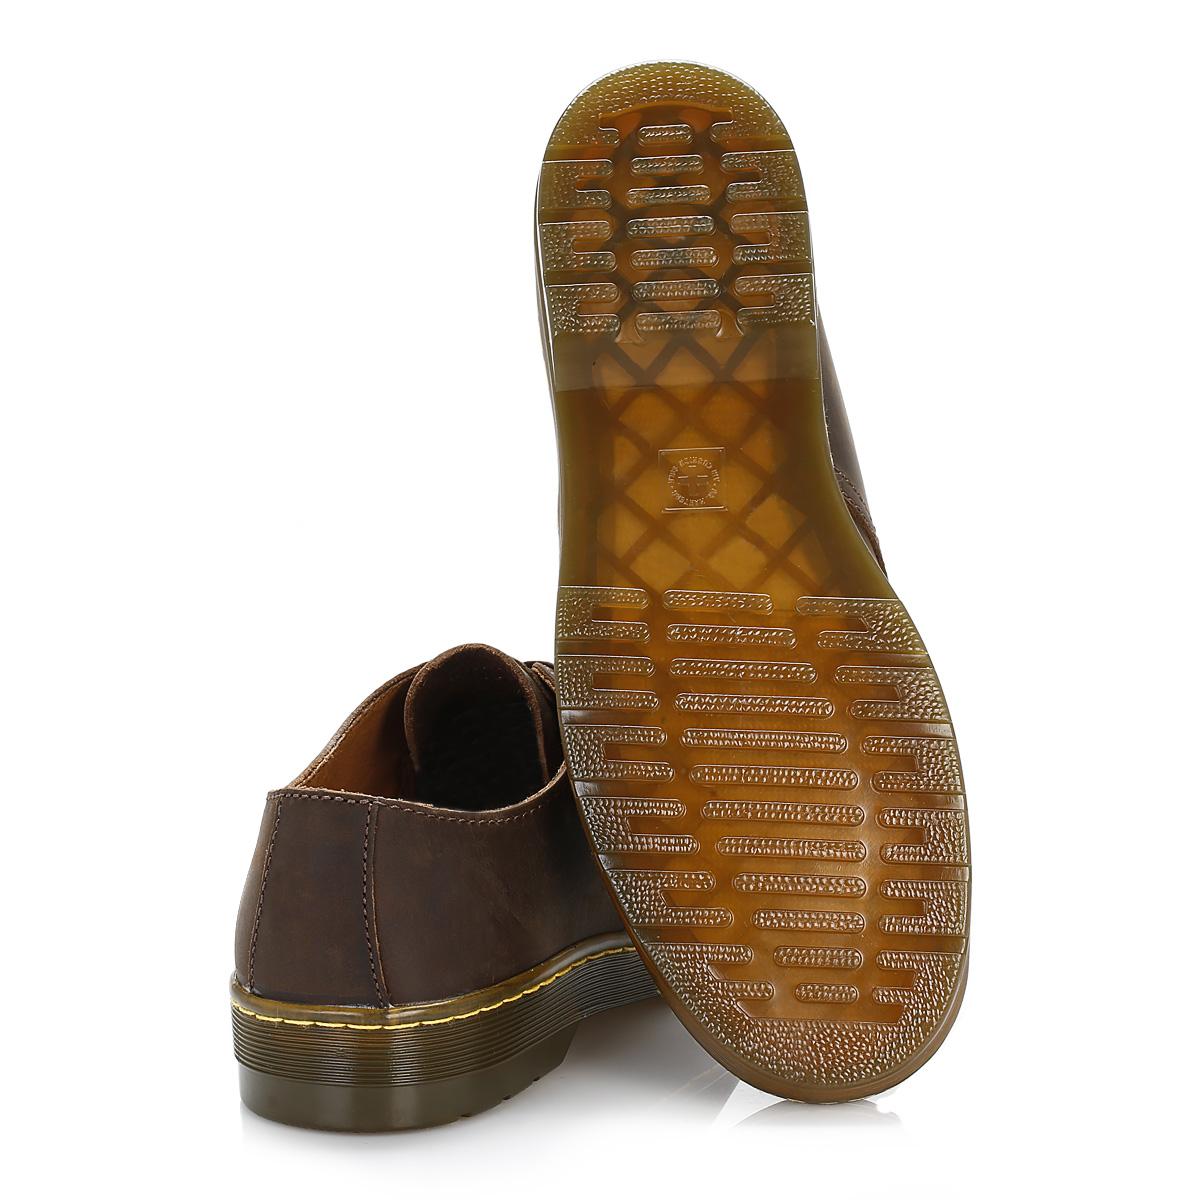 dr martens mens brown leather derby shoes lace up smart. Black Bedroom Furniture Sets. Home Design Ideas